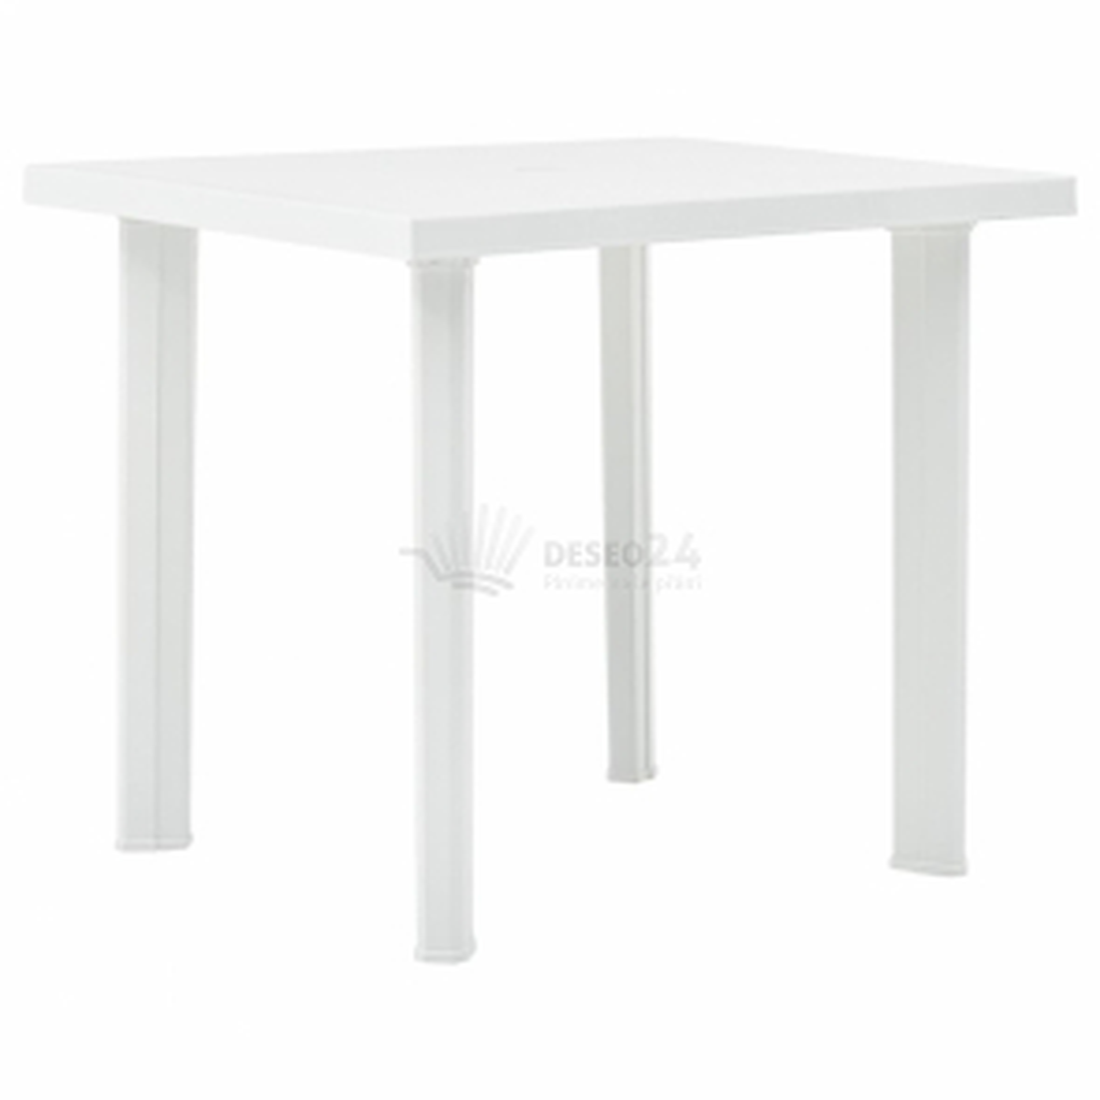 vidaXL Zahradní stůl bílý 80 x 75 x 72 cm plast [48802]